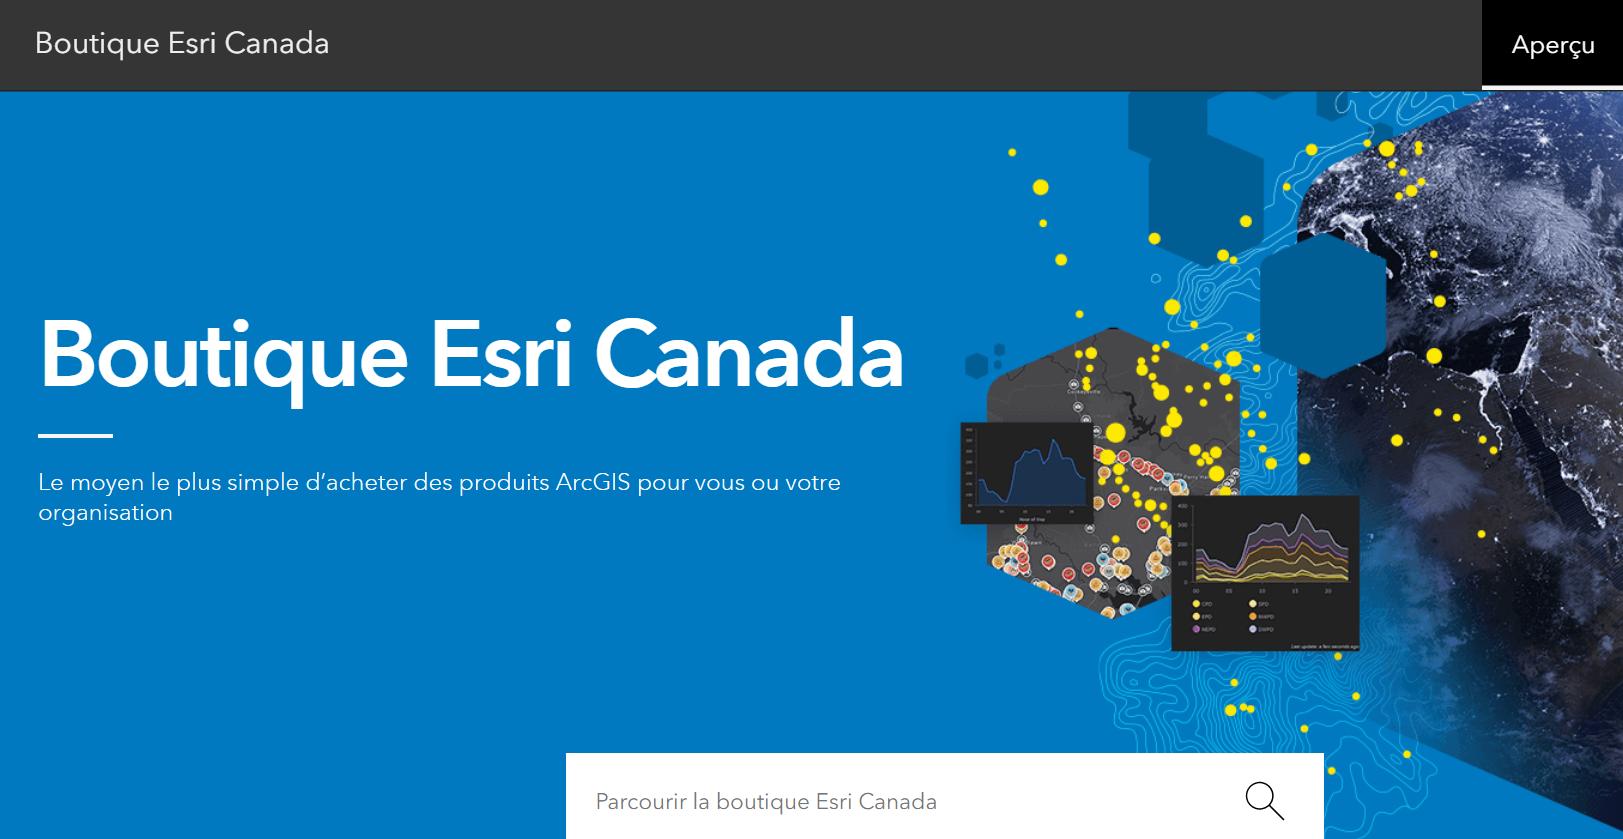 Une capture d'écran de la page d'accueil de la boutique Esri Canada 2021, montrant l'en-tête ainsi que la barre de recherche. Texte : « Boutique Esri Canada – Le moyen le plus simple d'acheter des produits ArcGIS pour vous ou votre organisation. »